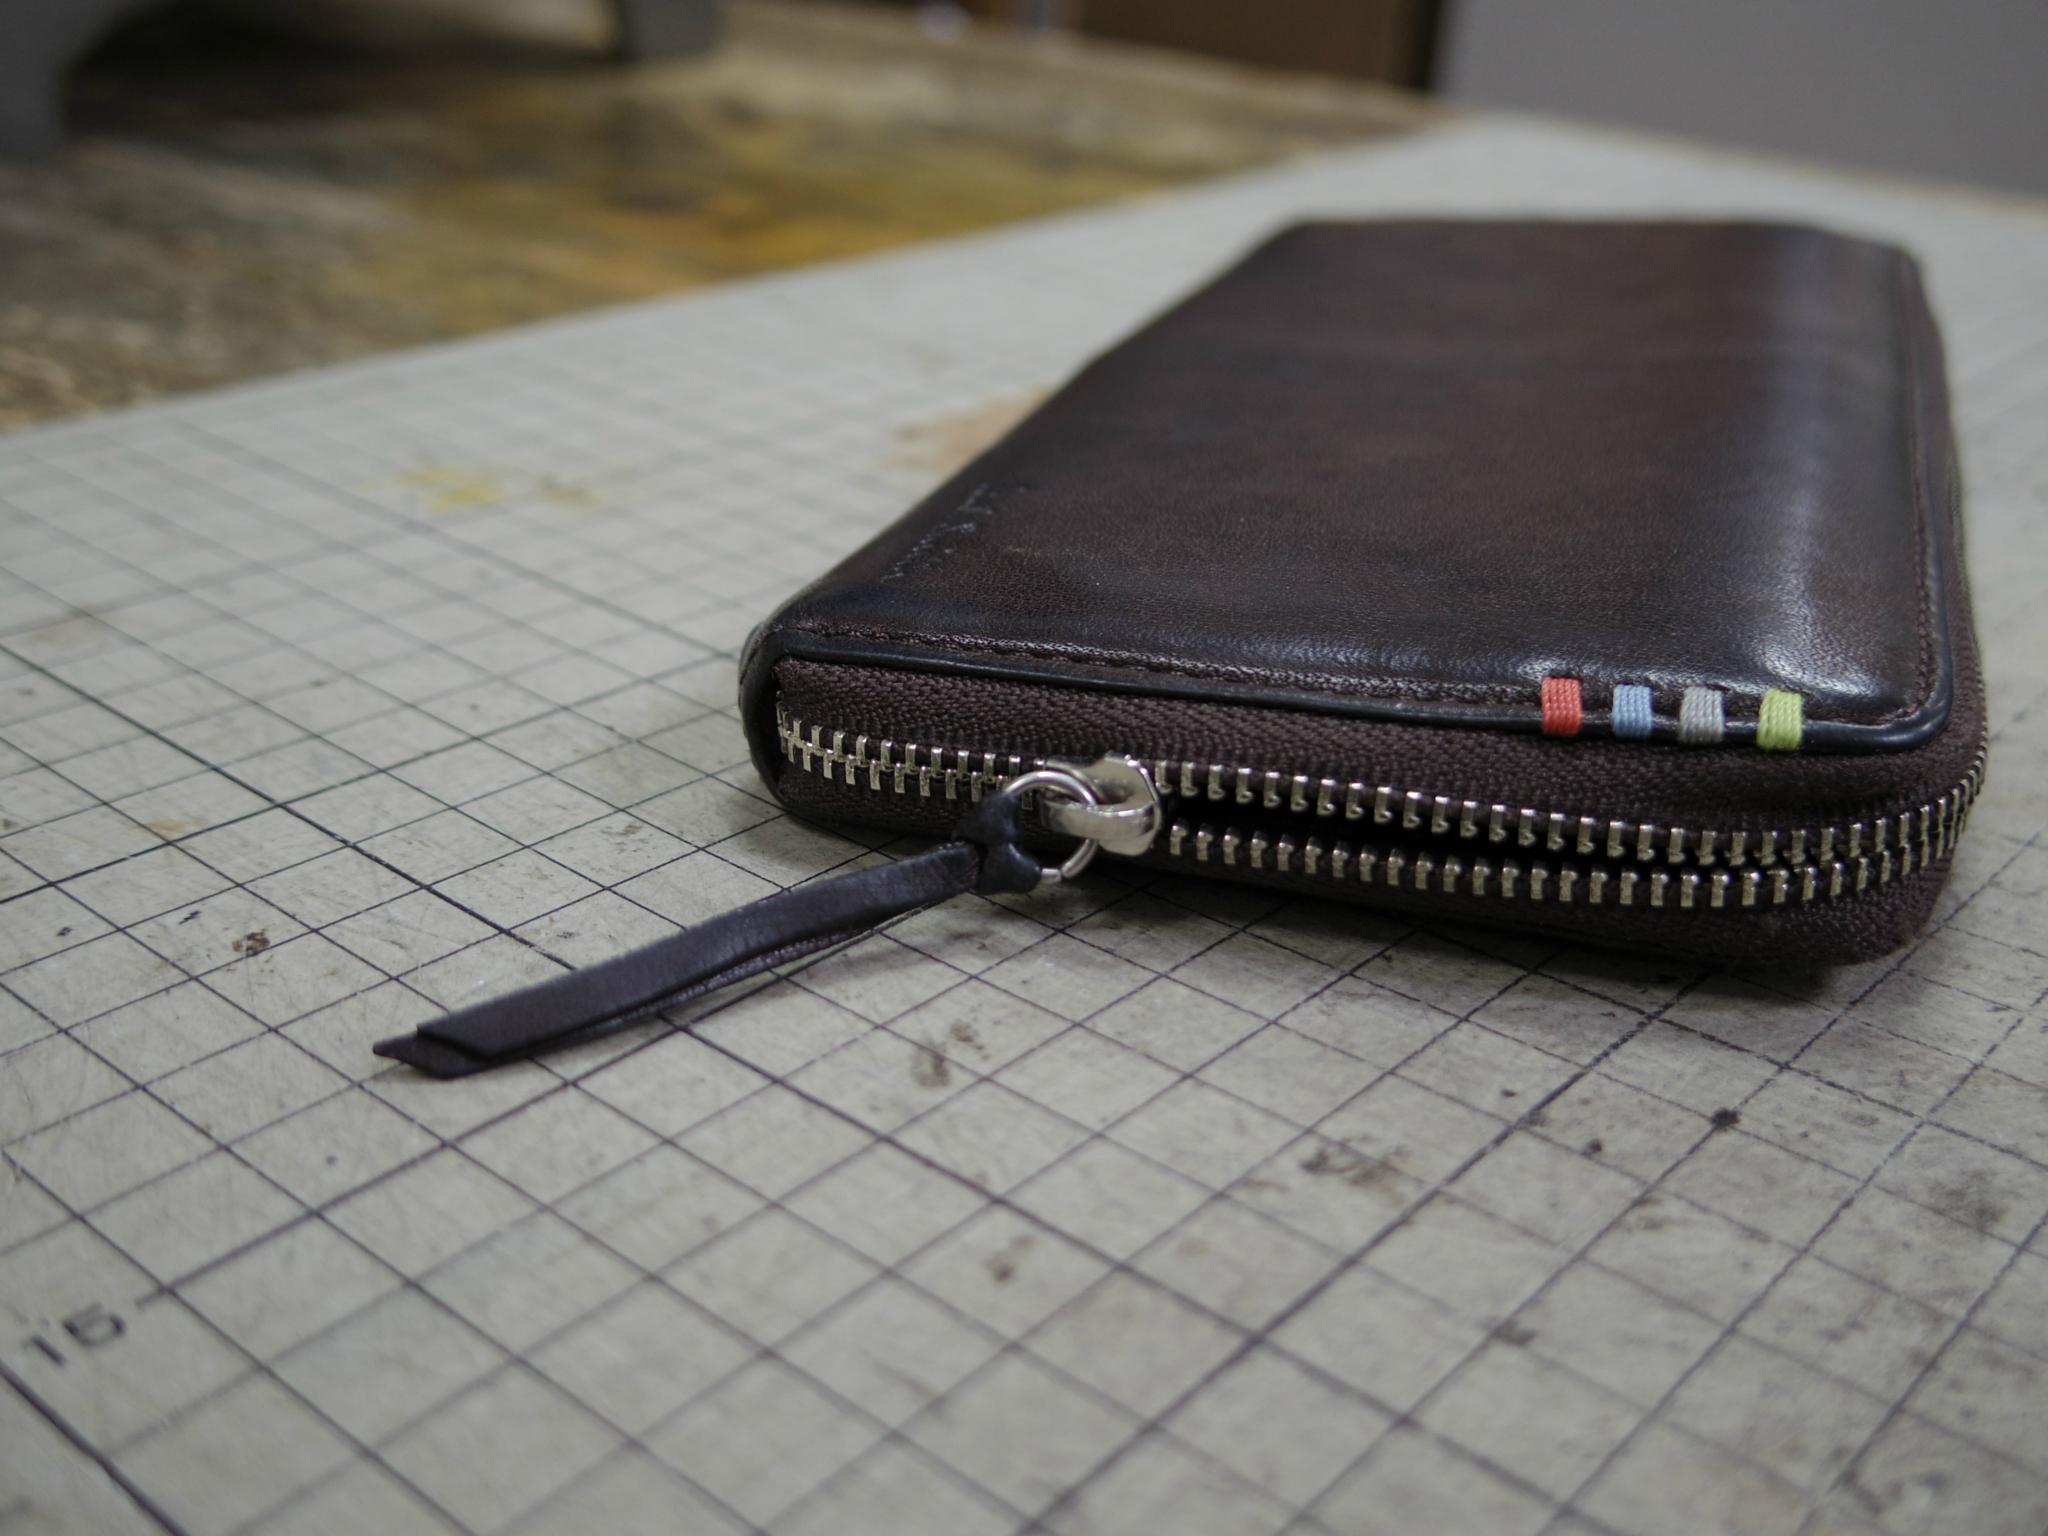 ポールスミスの財布のファスナーが閉めても開いてくる